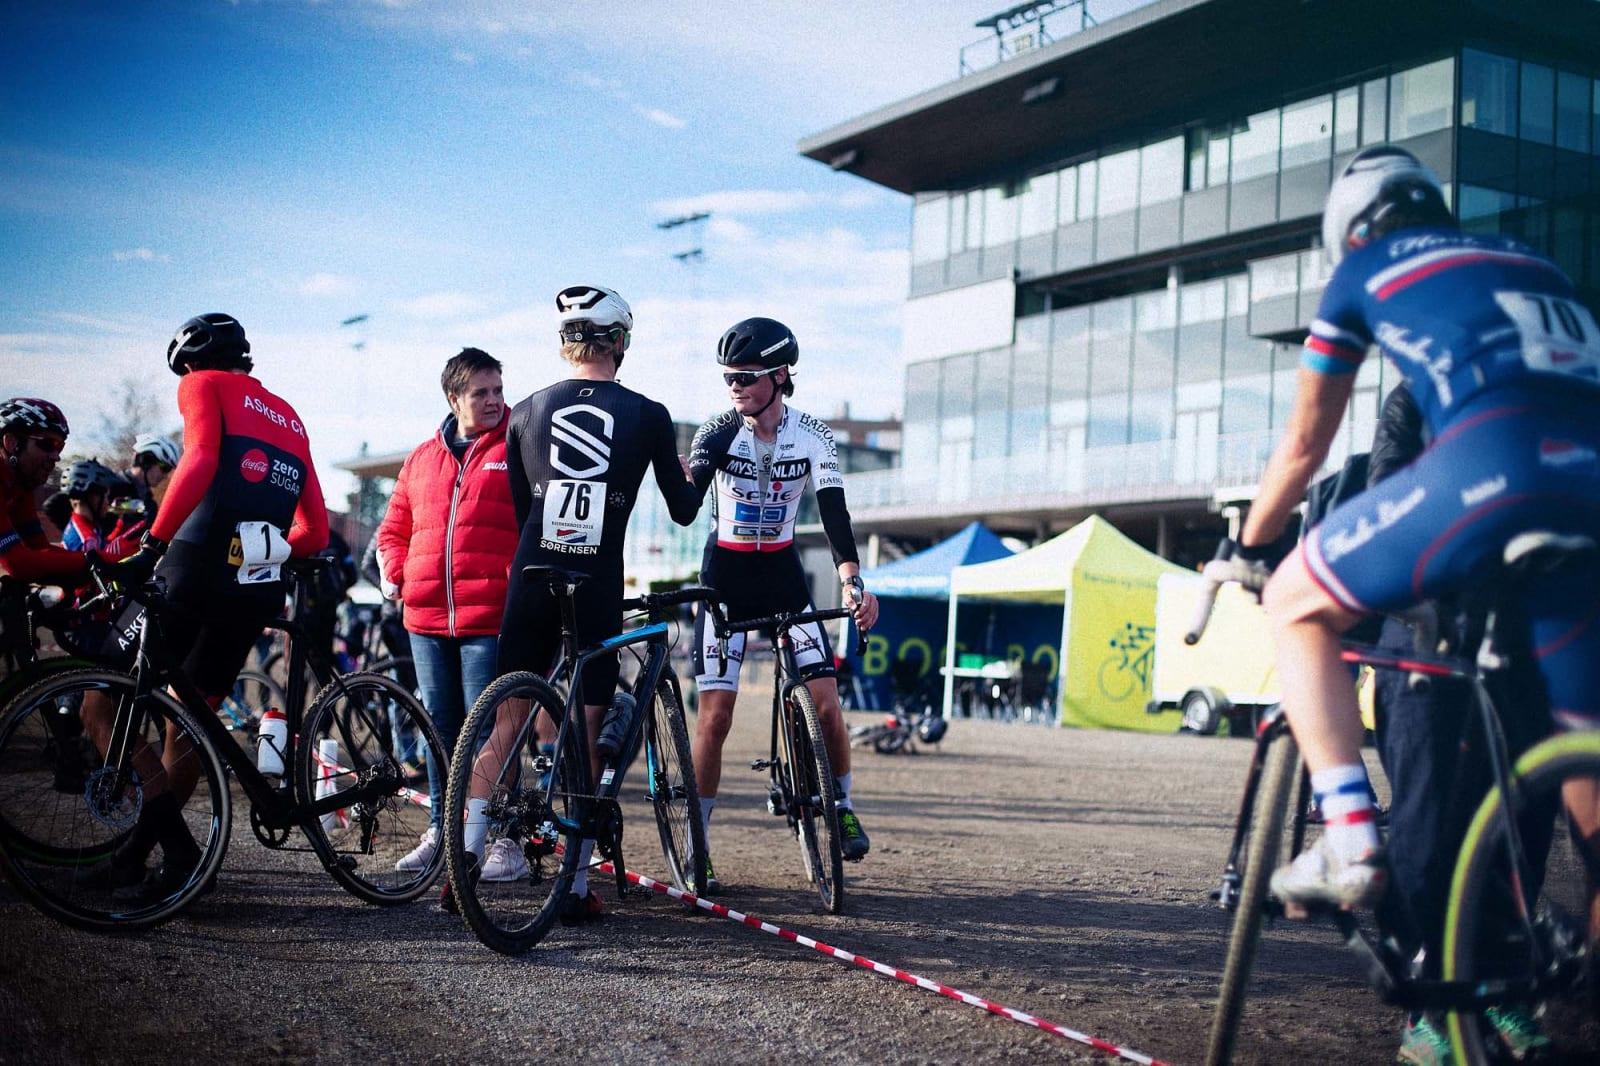 – Noe av det som er så kult med kross er at folk kommer, sykler, prater sammen og drar uten at hele dagen går med.